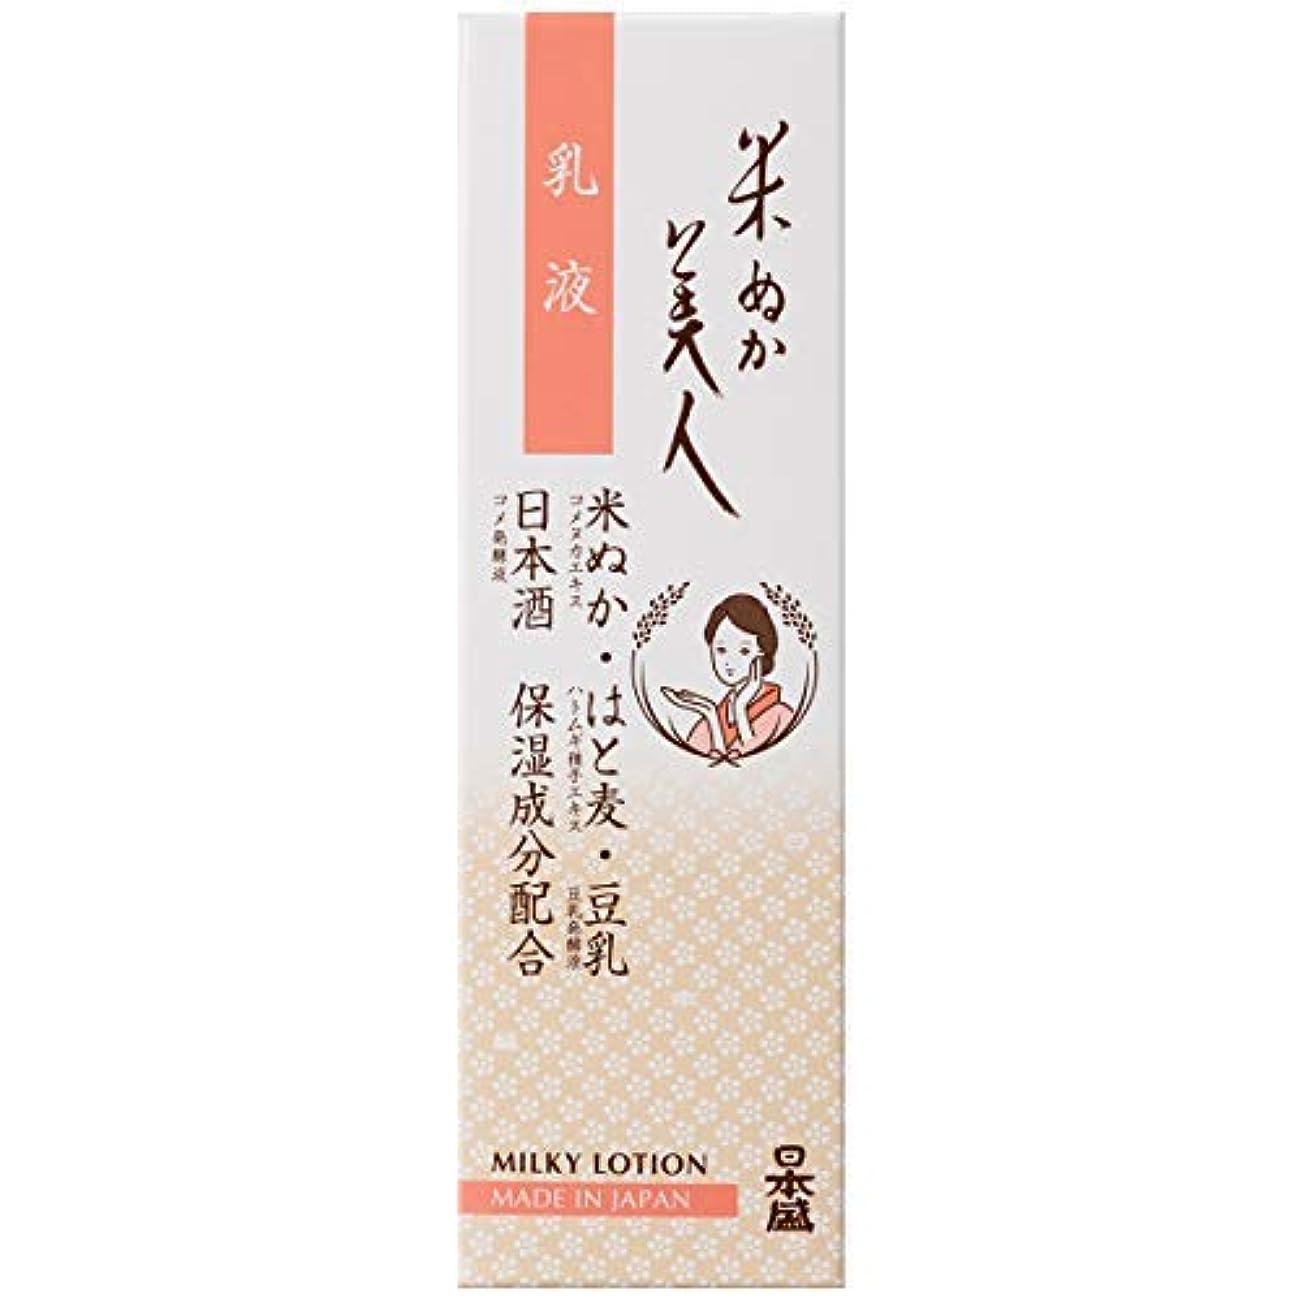 説教する利用可能脚本米ぬか美人 乳液 × 2個セット